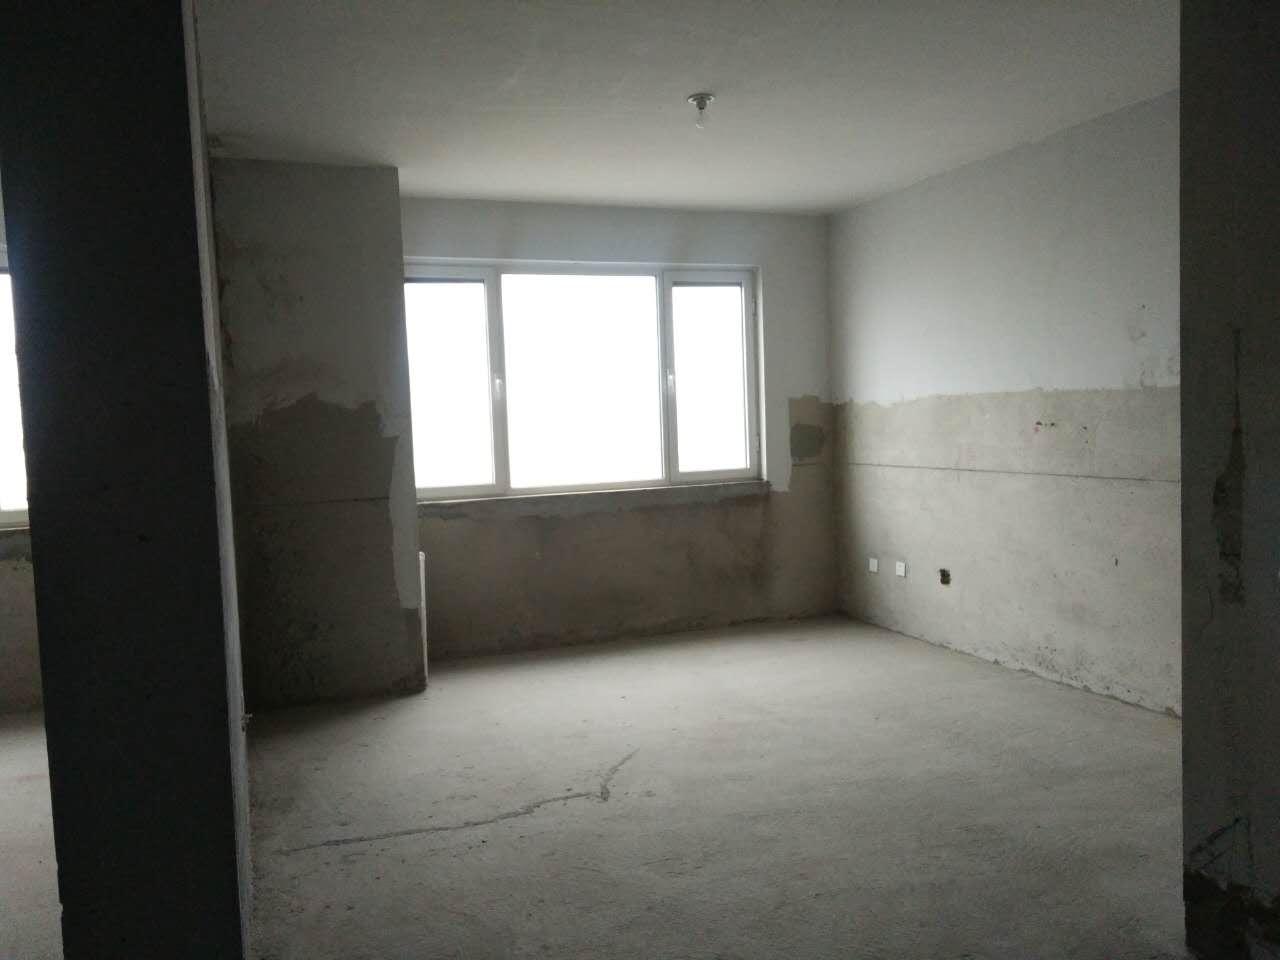 月亮湾 2室2厅 双证齐全 简装 72万房型图